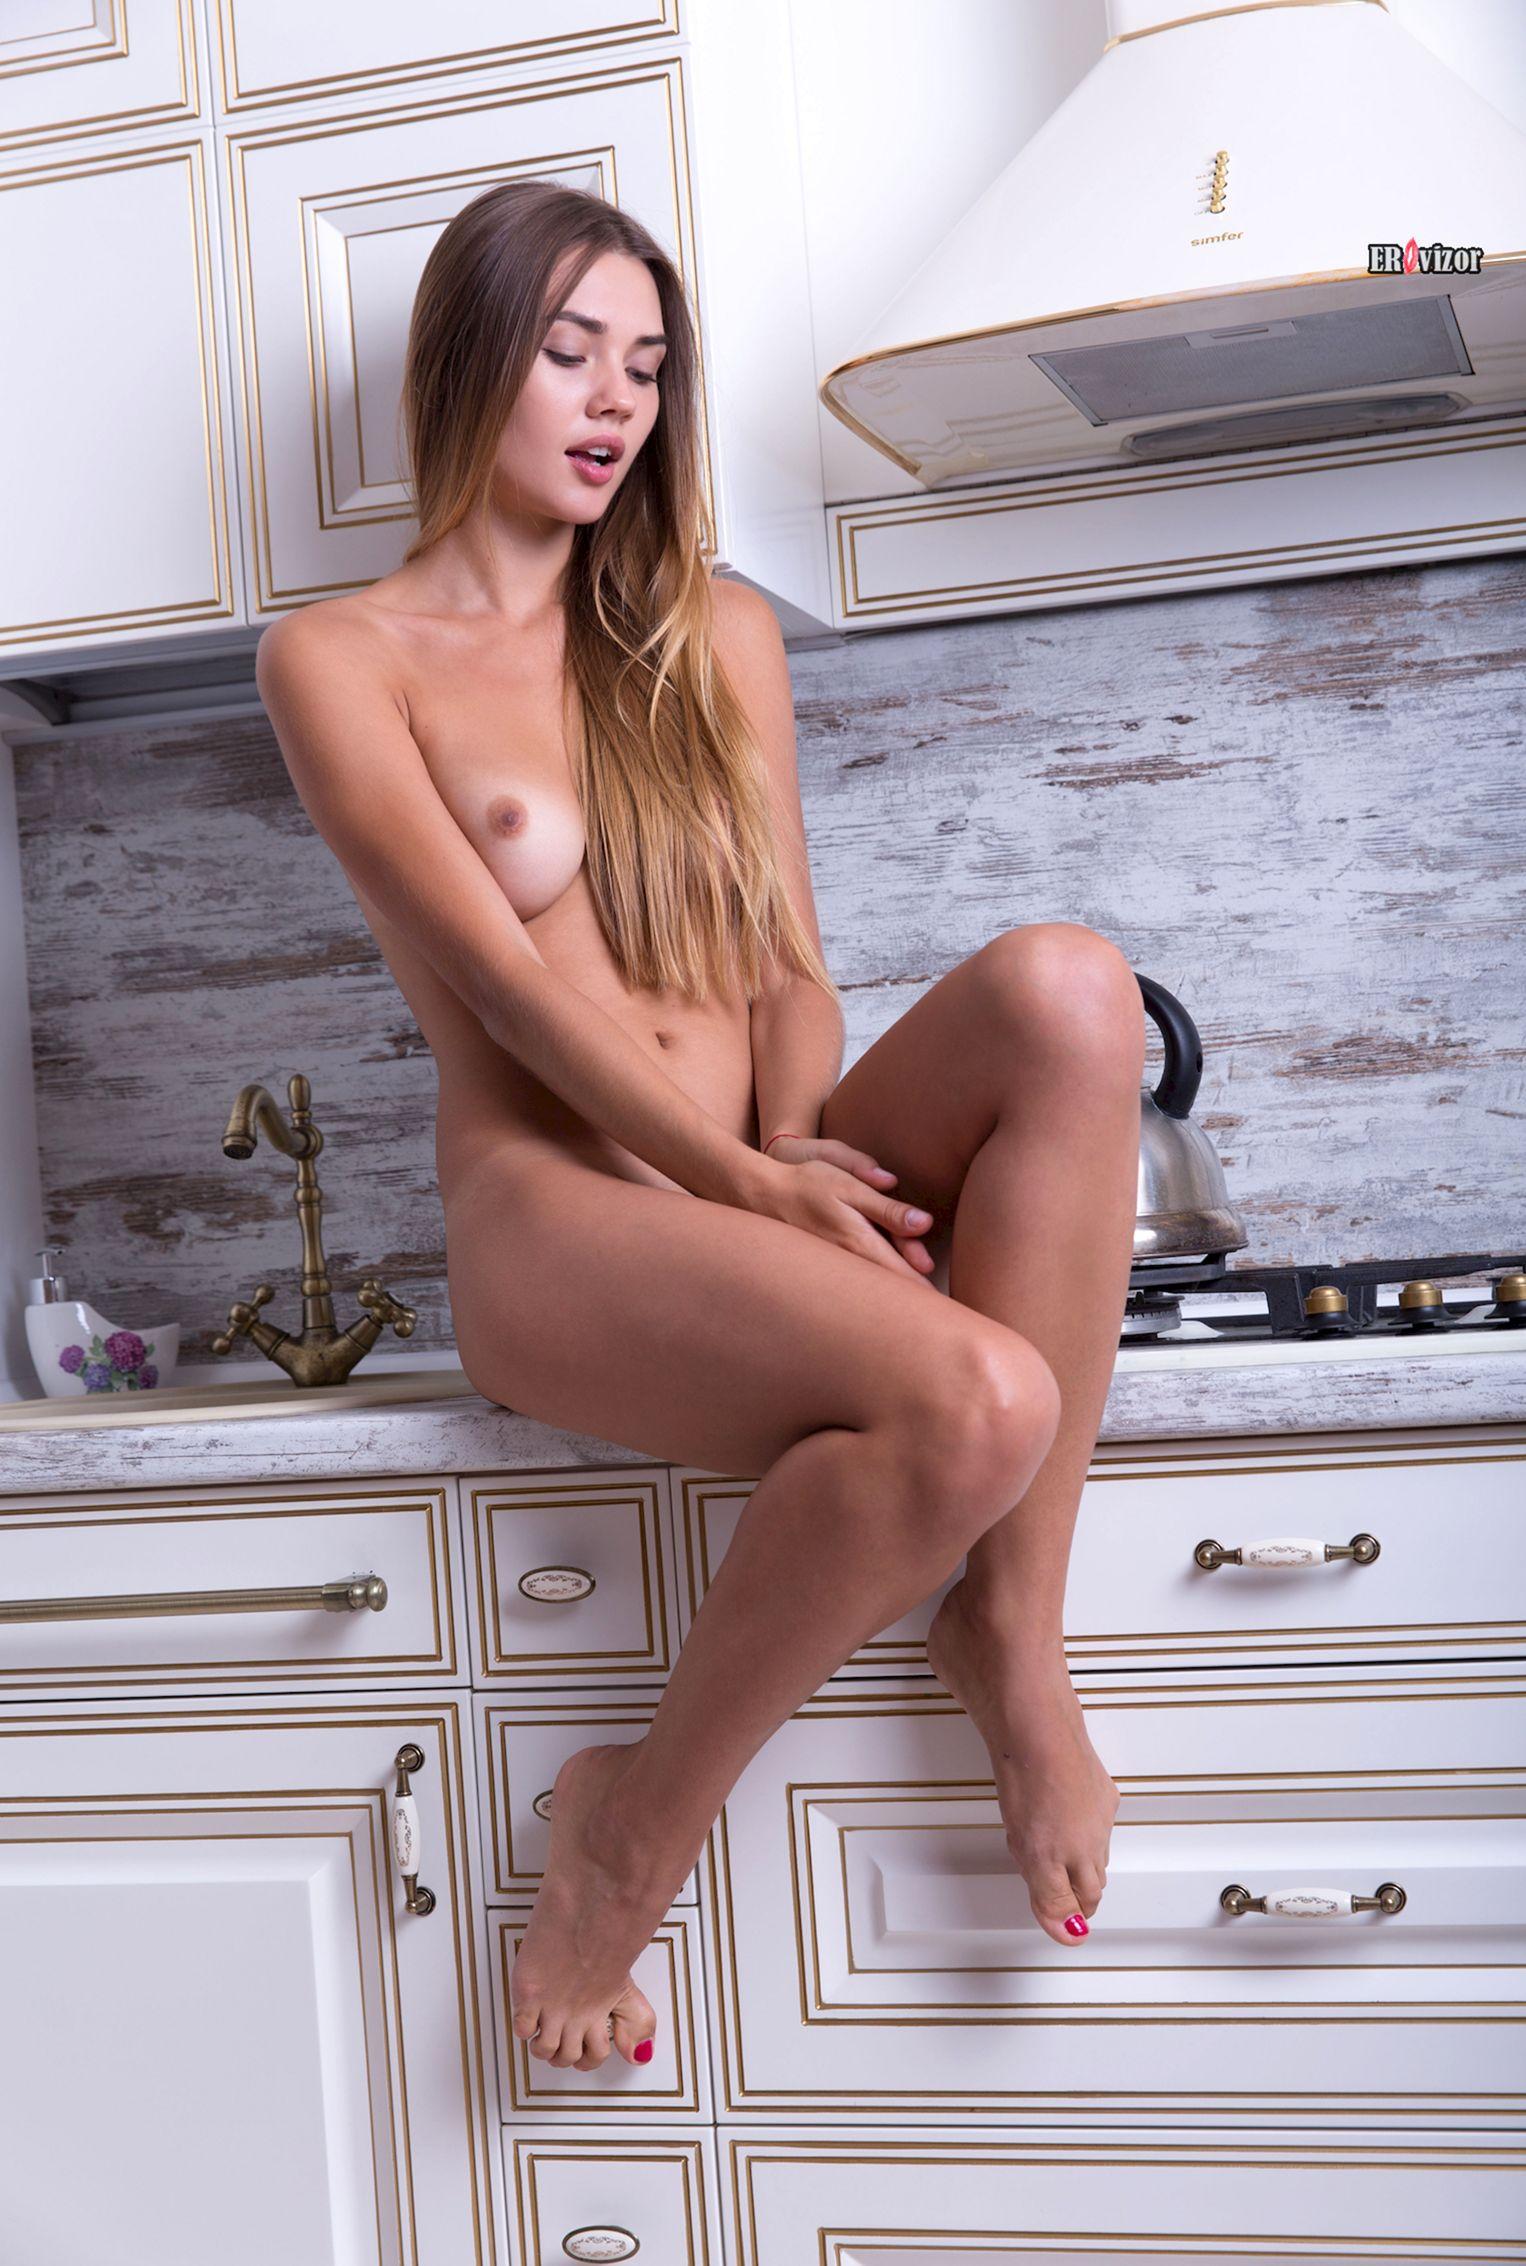 sexy_Georgia_naked_kitchen (4)